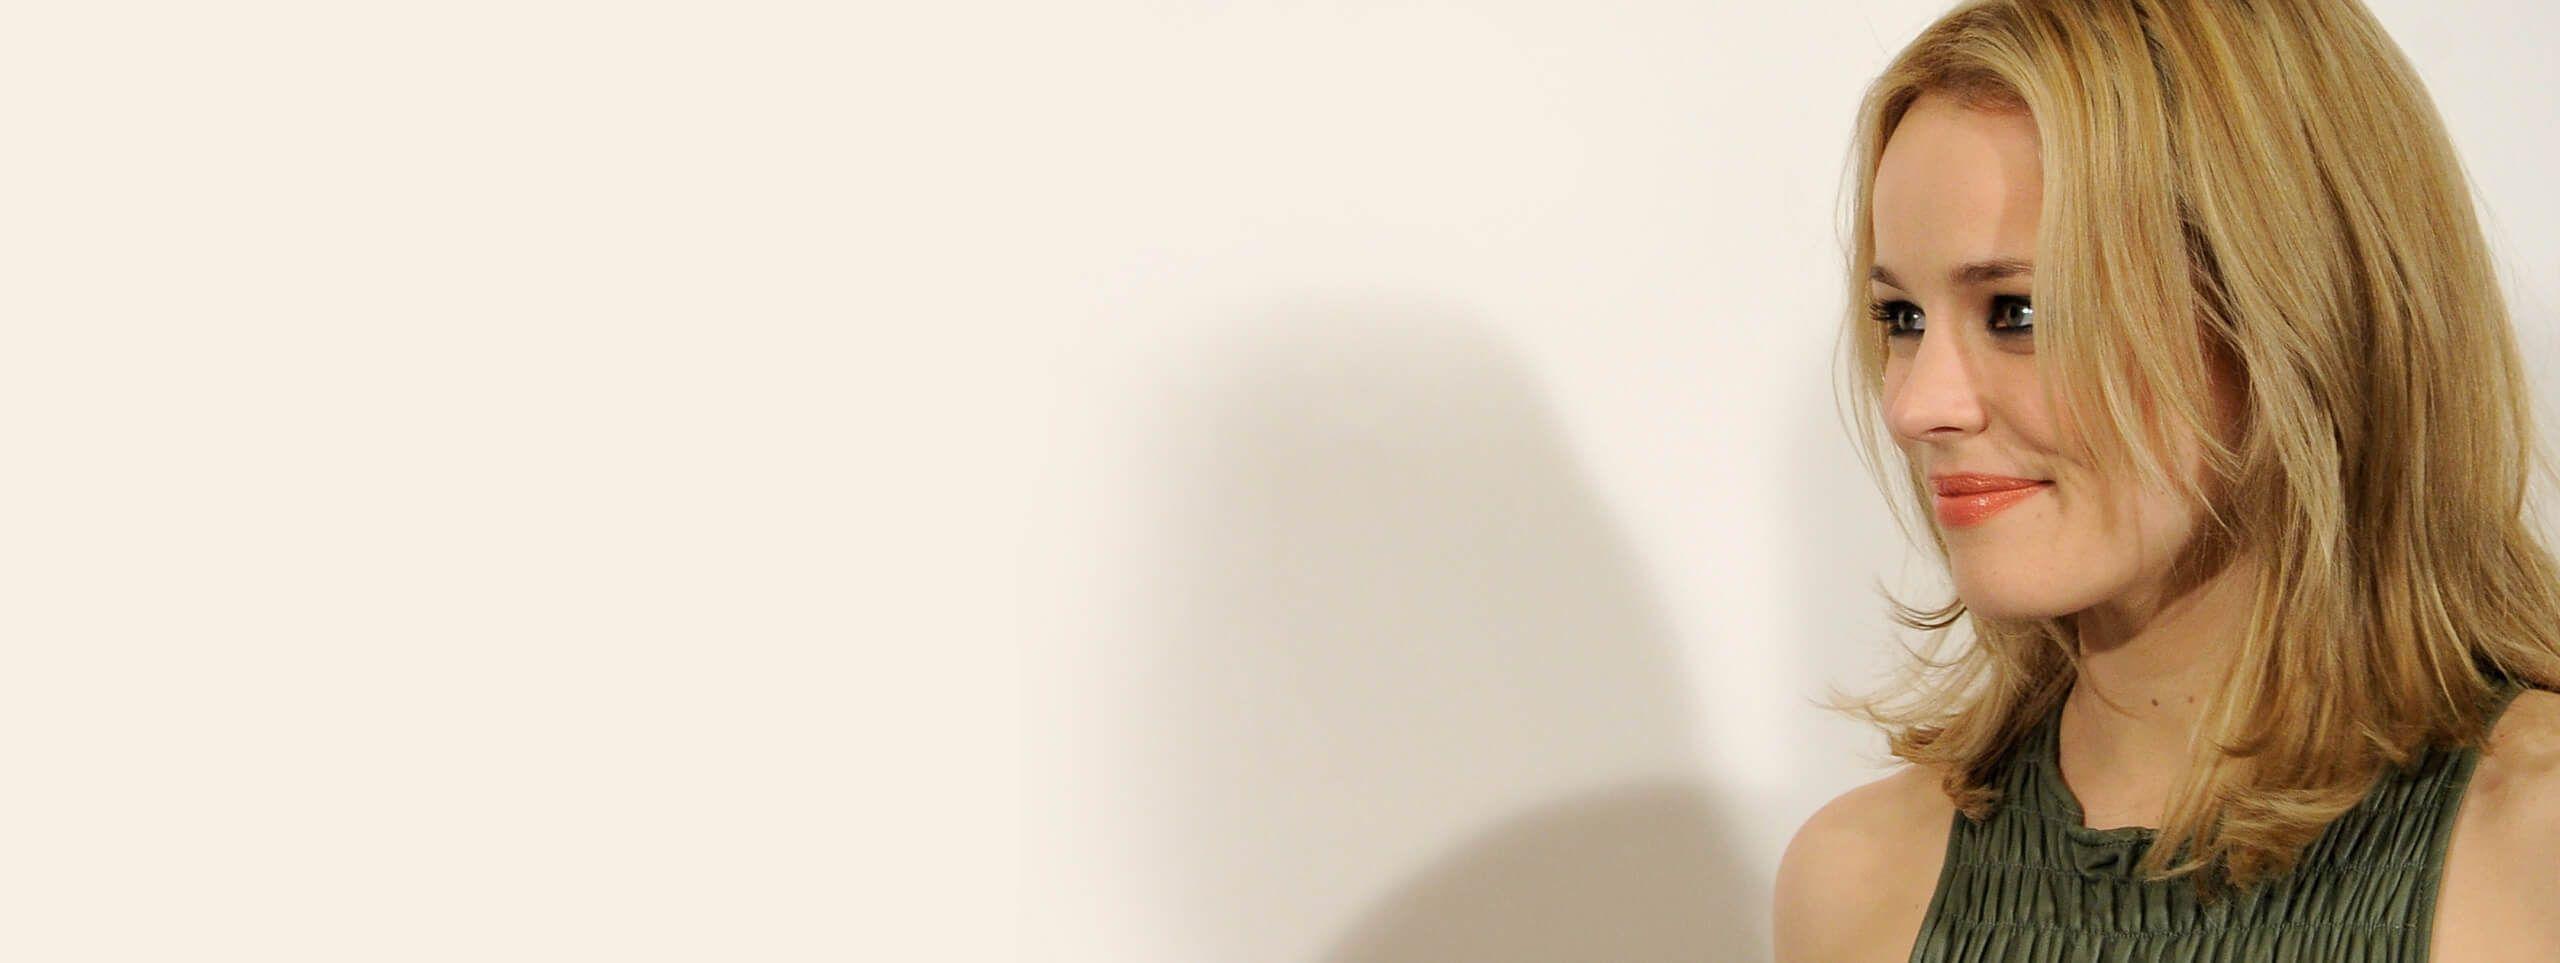 Rachel McAdams tinte aclarado rubio ceniza pelo corto